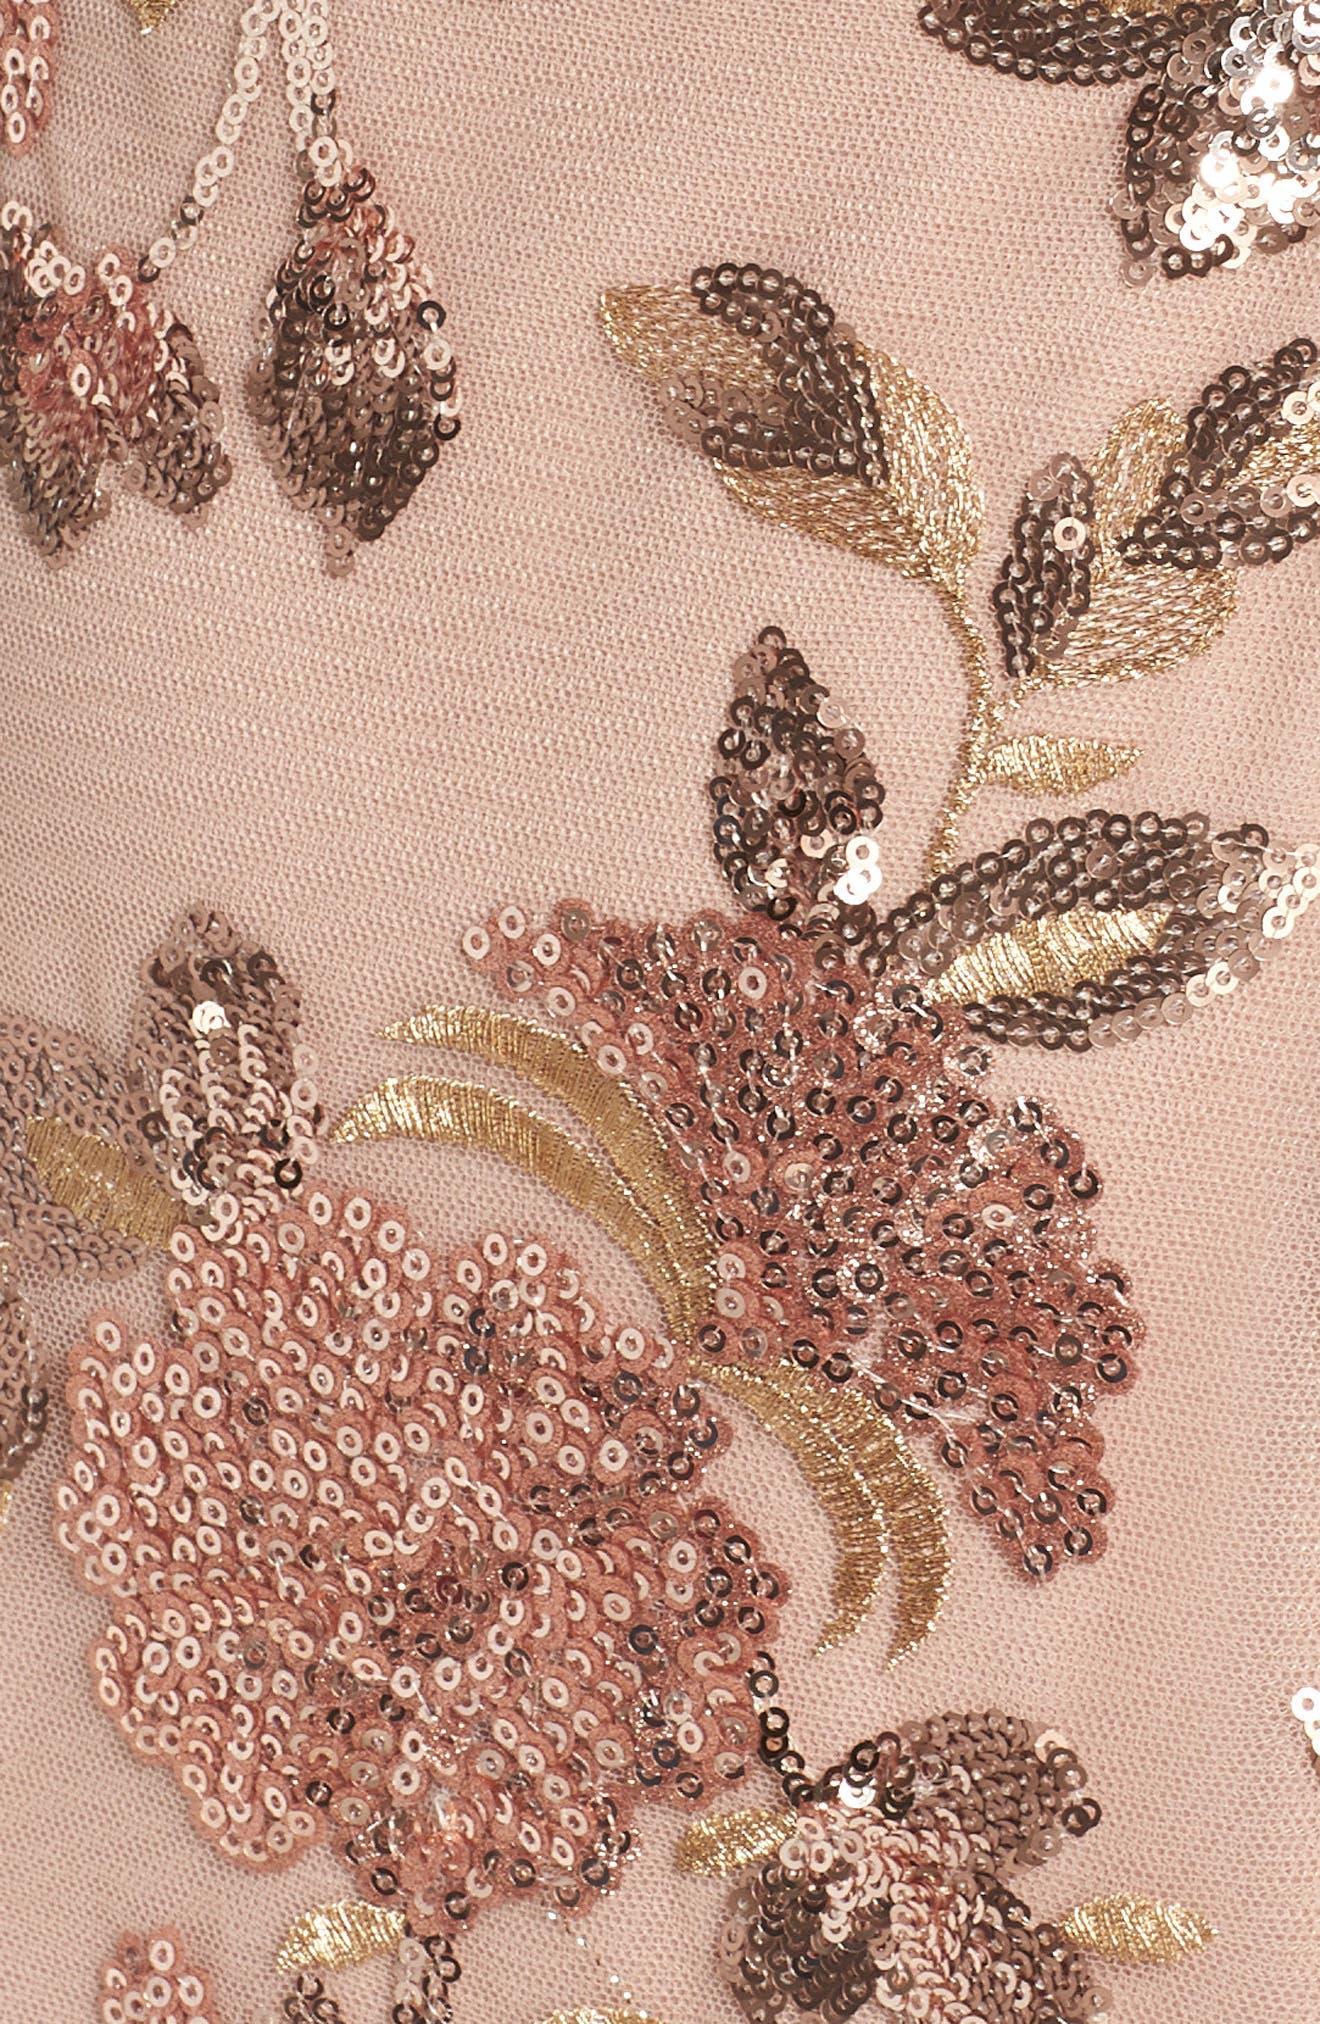 Metallic Floral Sequin Cocktail Dress,                             Alternate thumbnail 5, color,                             Antique Bronze